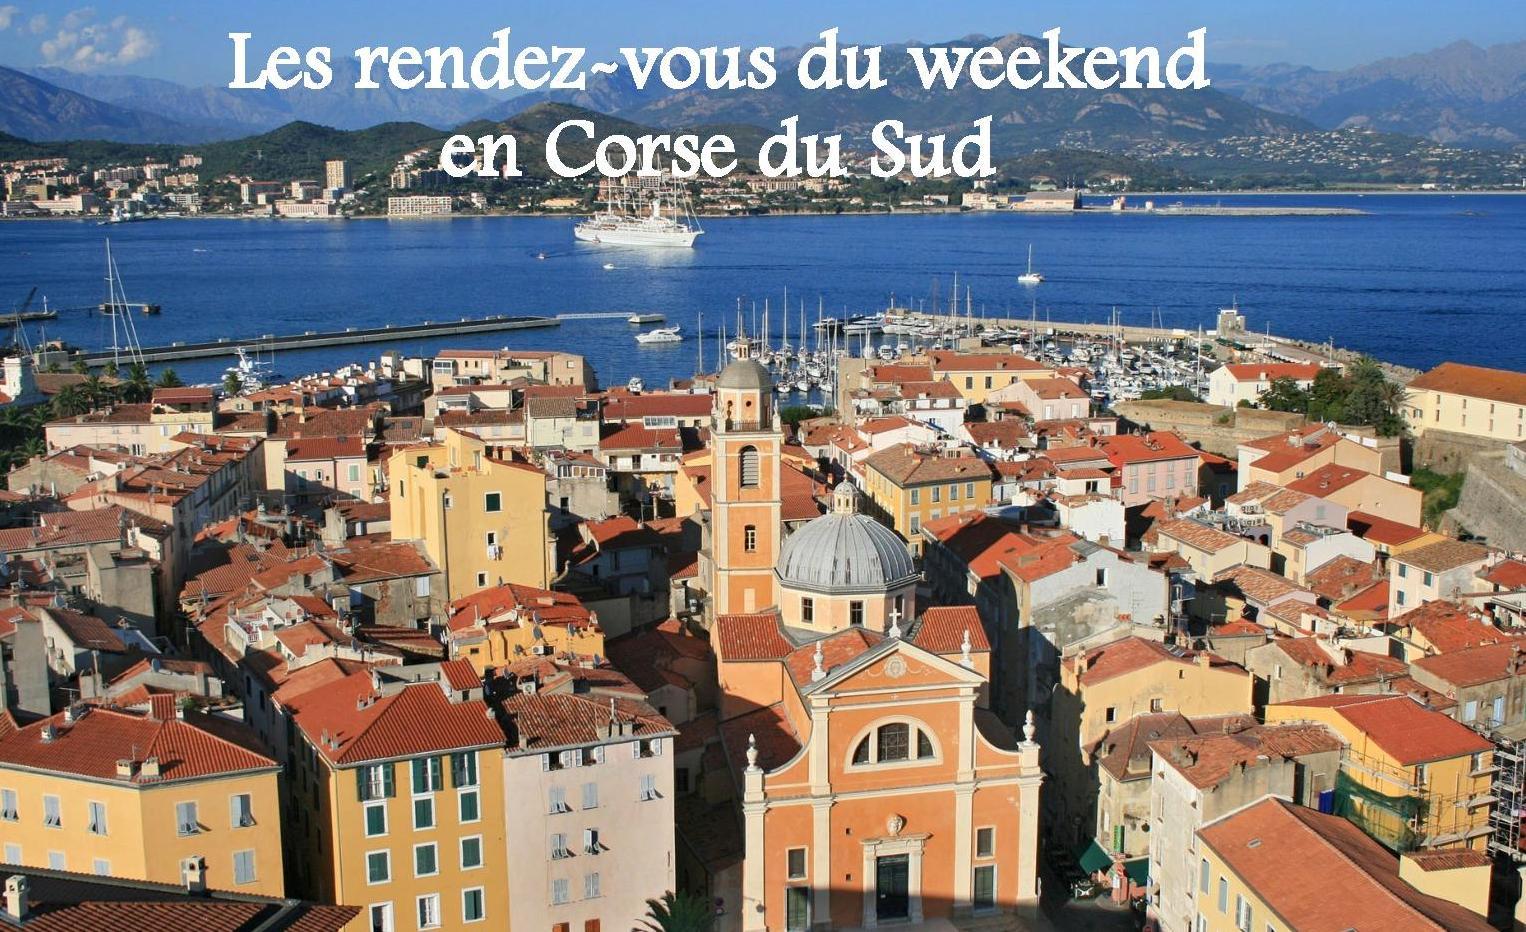 Que faire ce week-end ? Nos idées de sorties du 31 mars au 2 avril en Corse-du-Sud